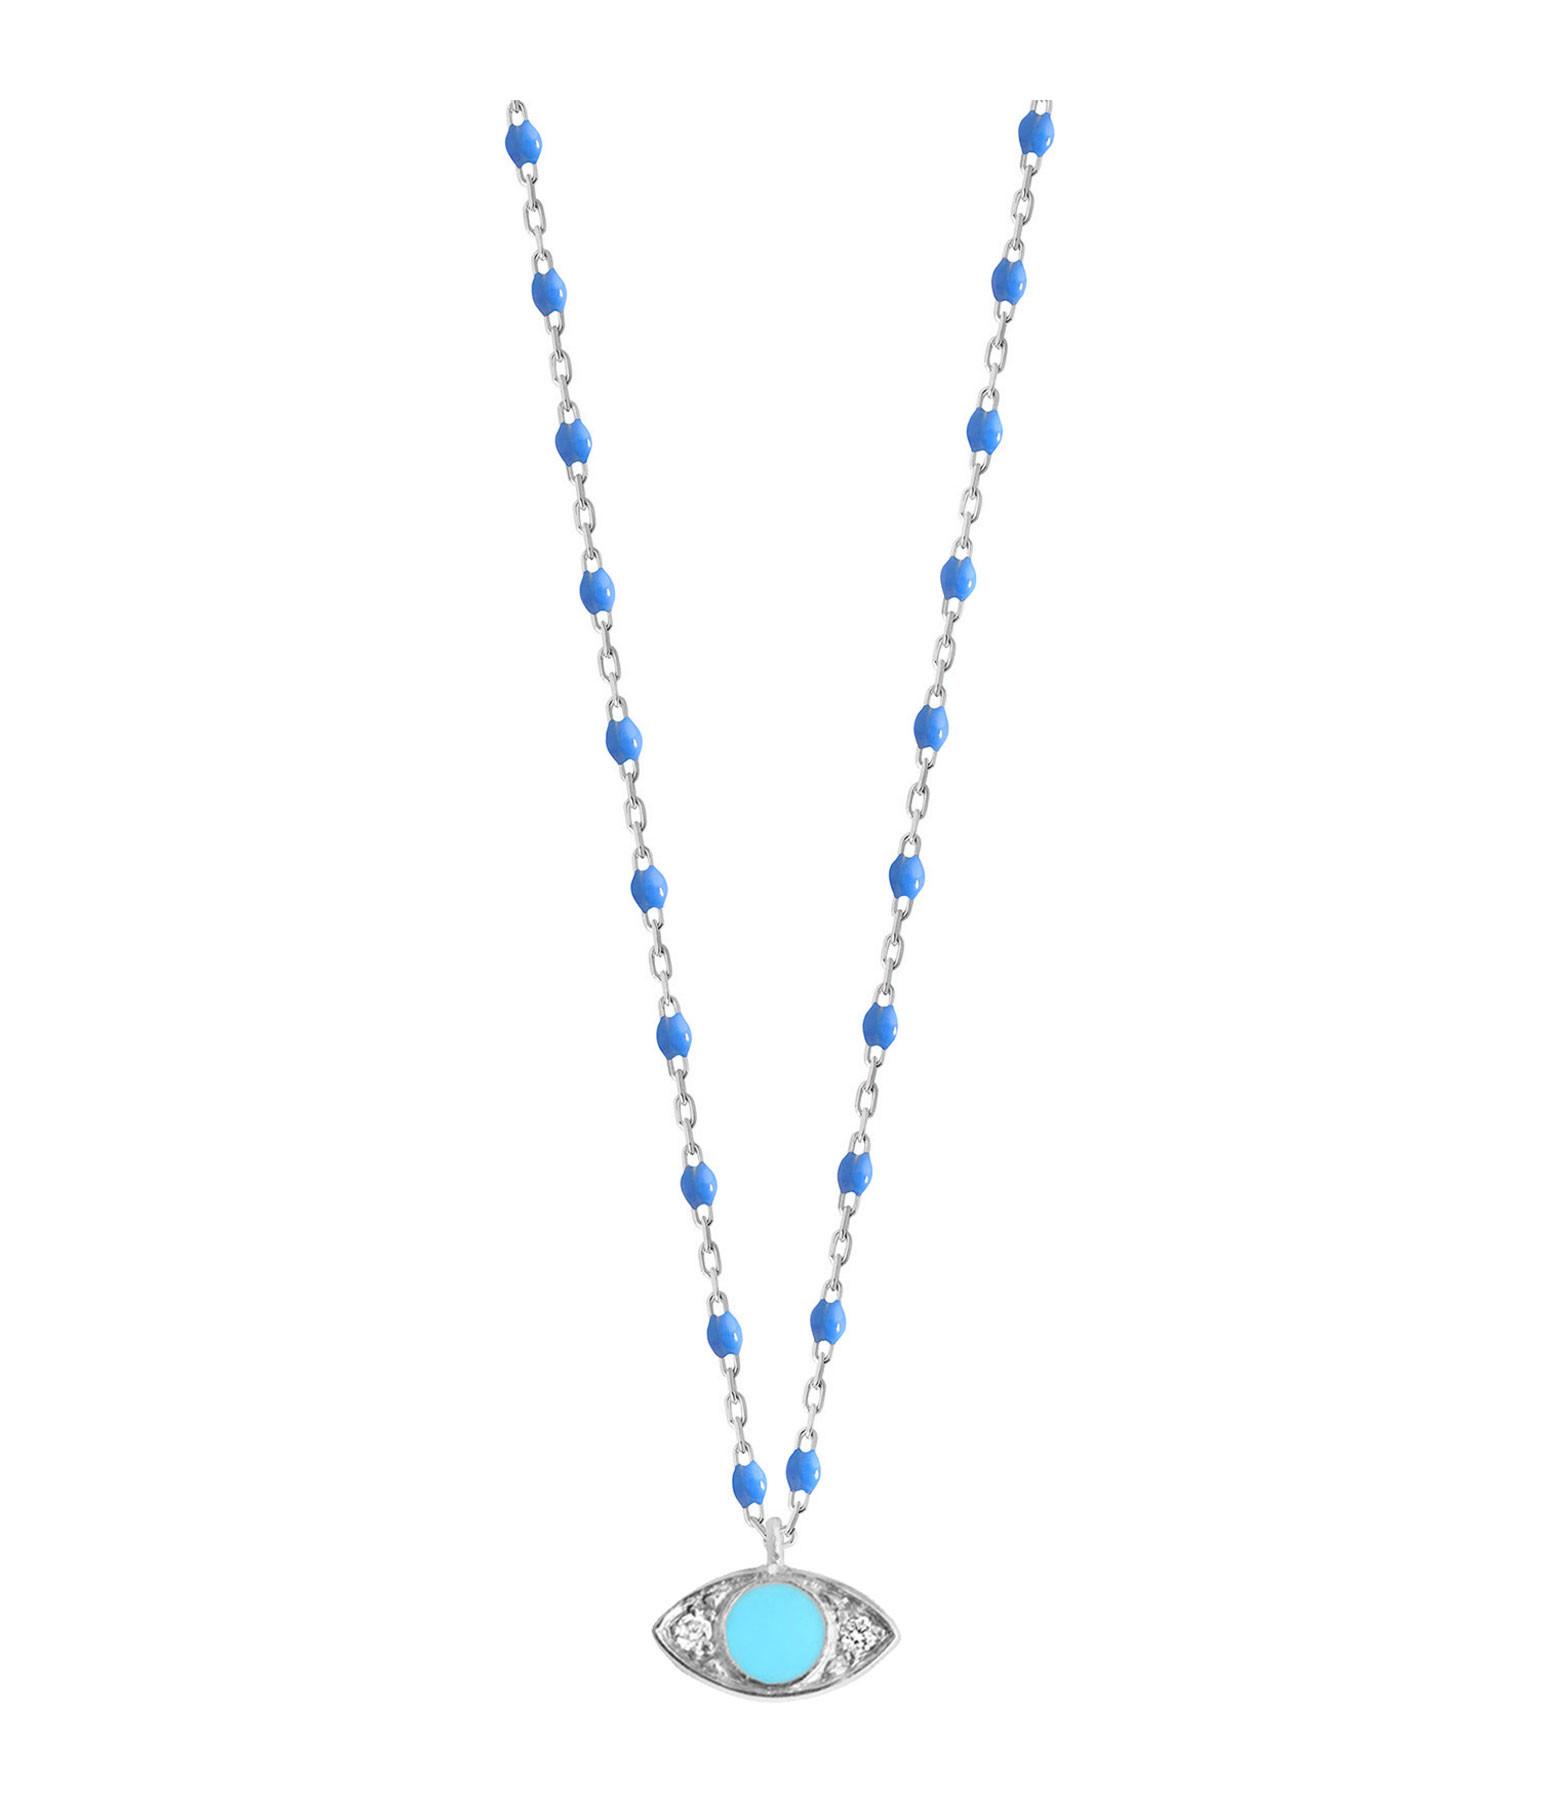 GIGI CLOZEAU - Collier Voyage Oeil Résine Diams Bleuet turquoise